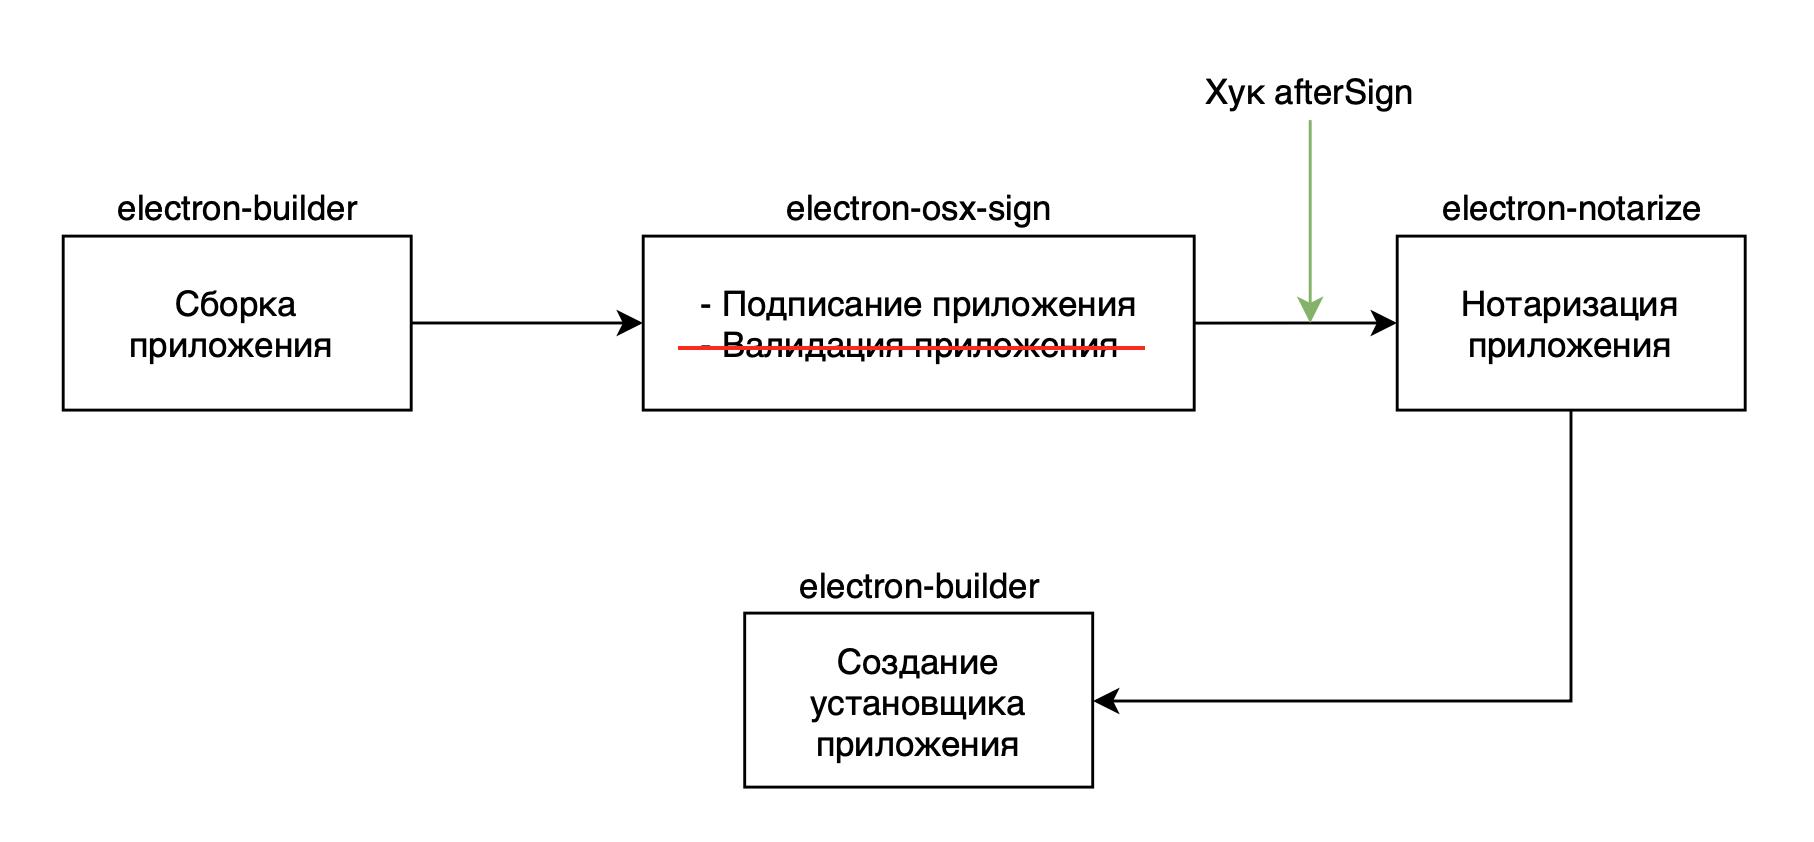 Процедура нотаризации Electron приложения для macOS 10.14.5 - 7